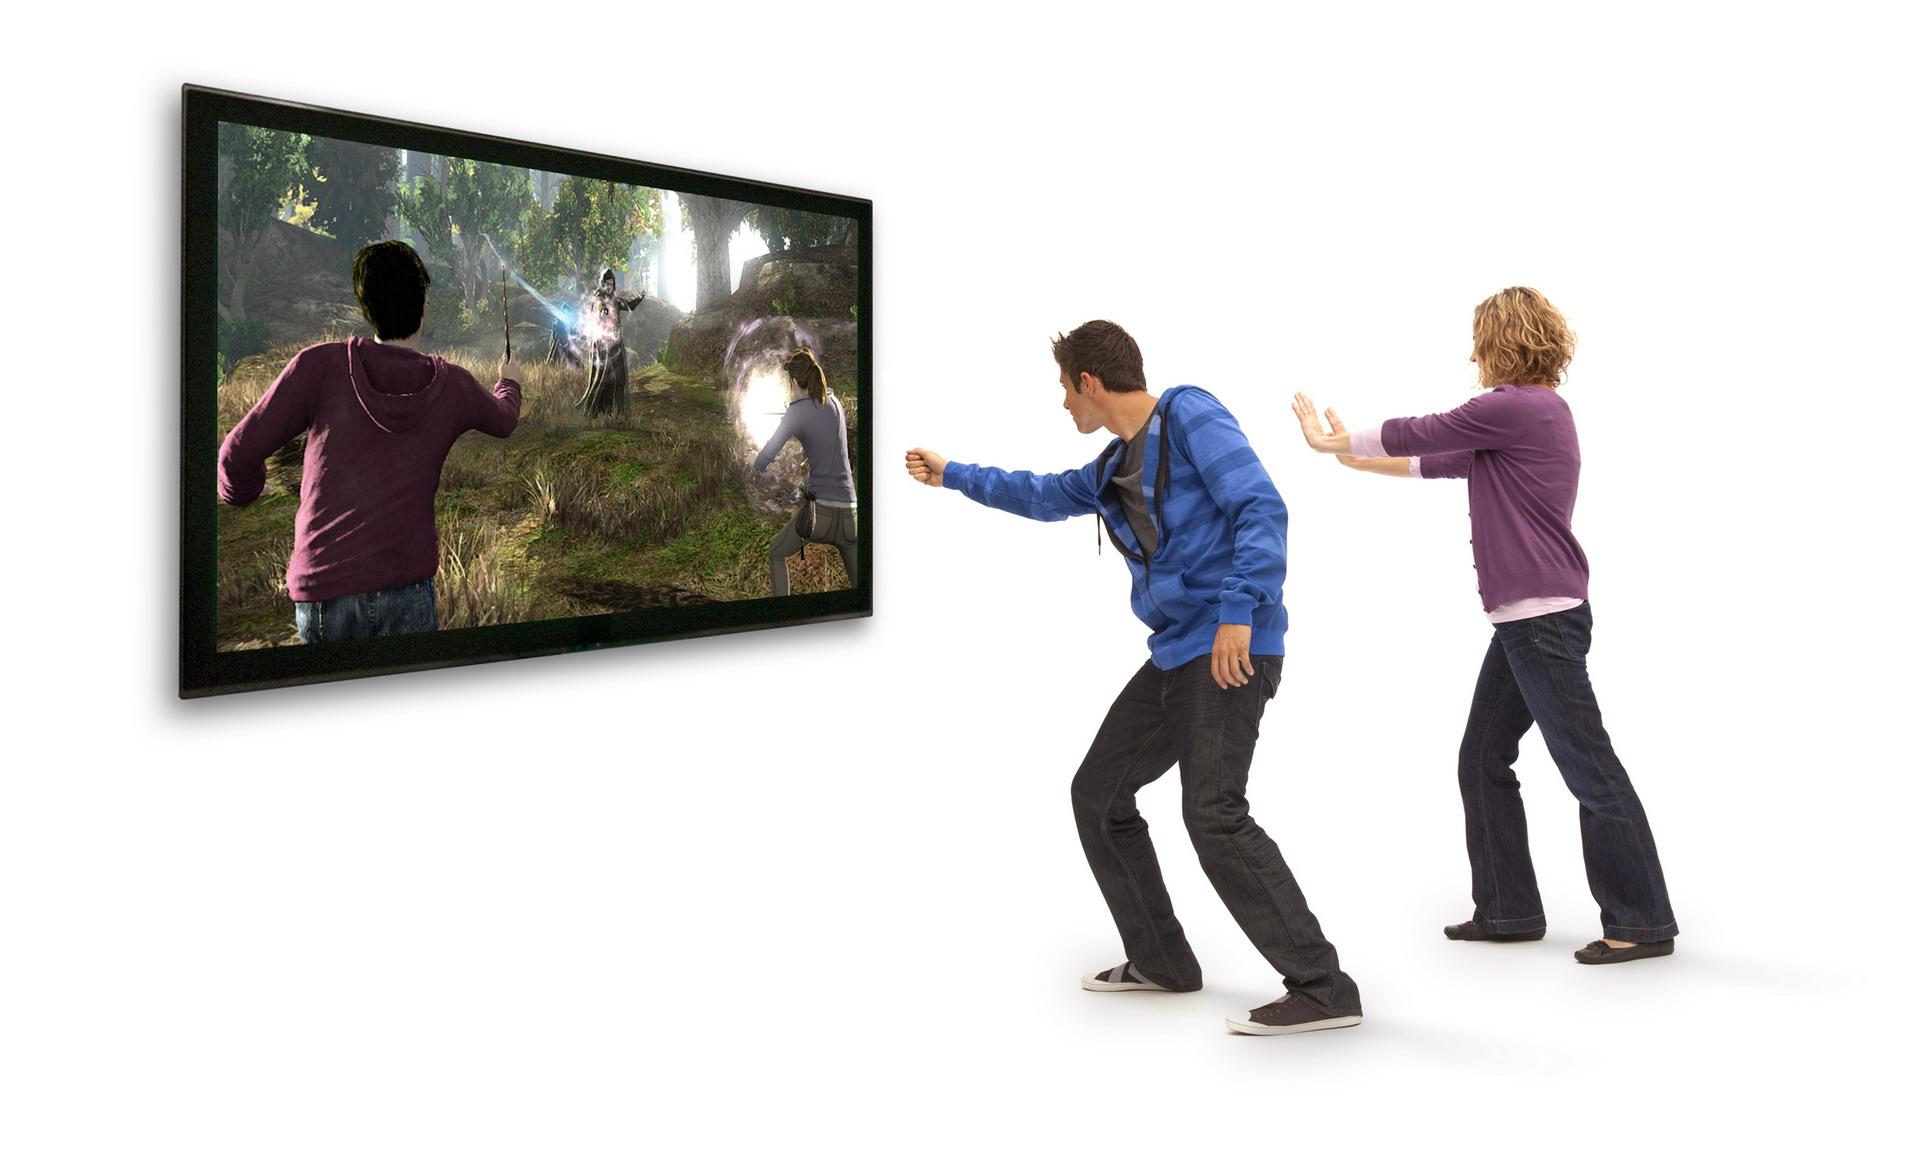 Apple interessata ad acquisire PrimeSense, società fautrice del Kinect di Micrsoft [Video]